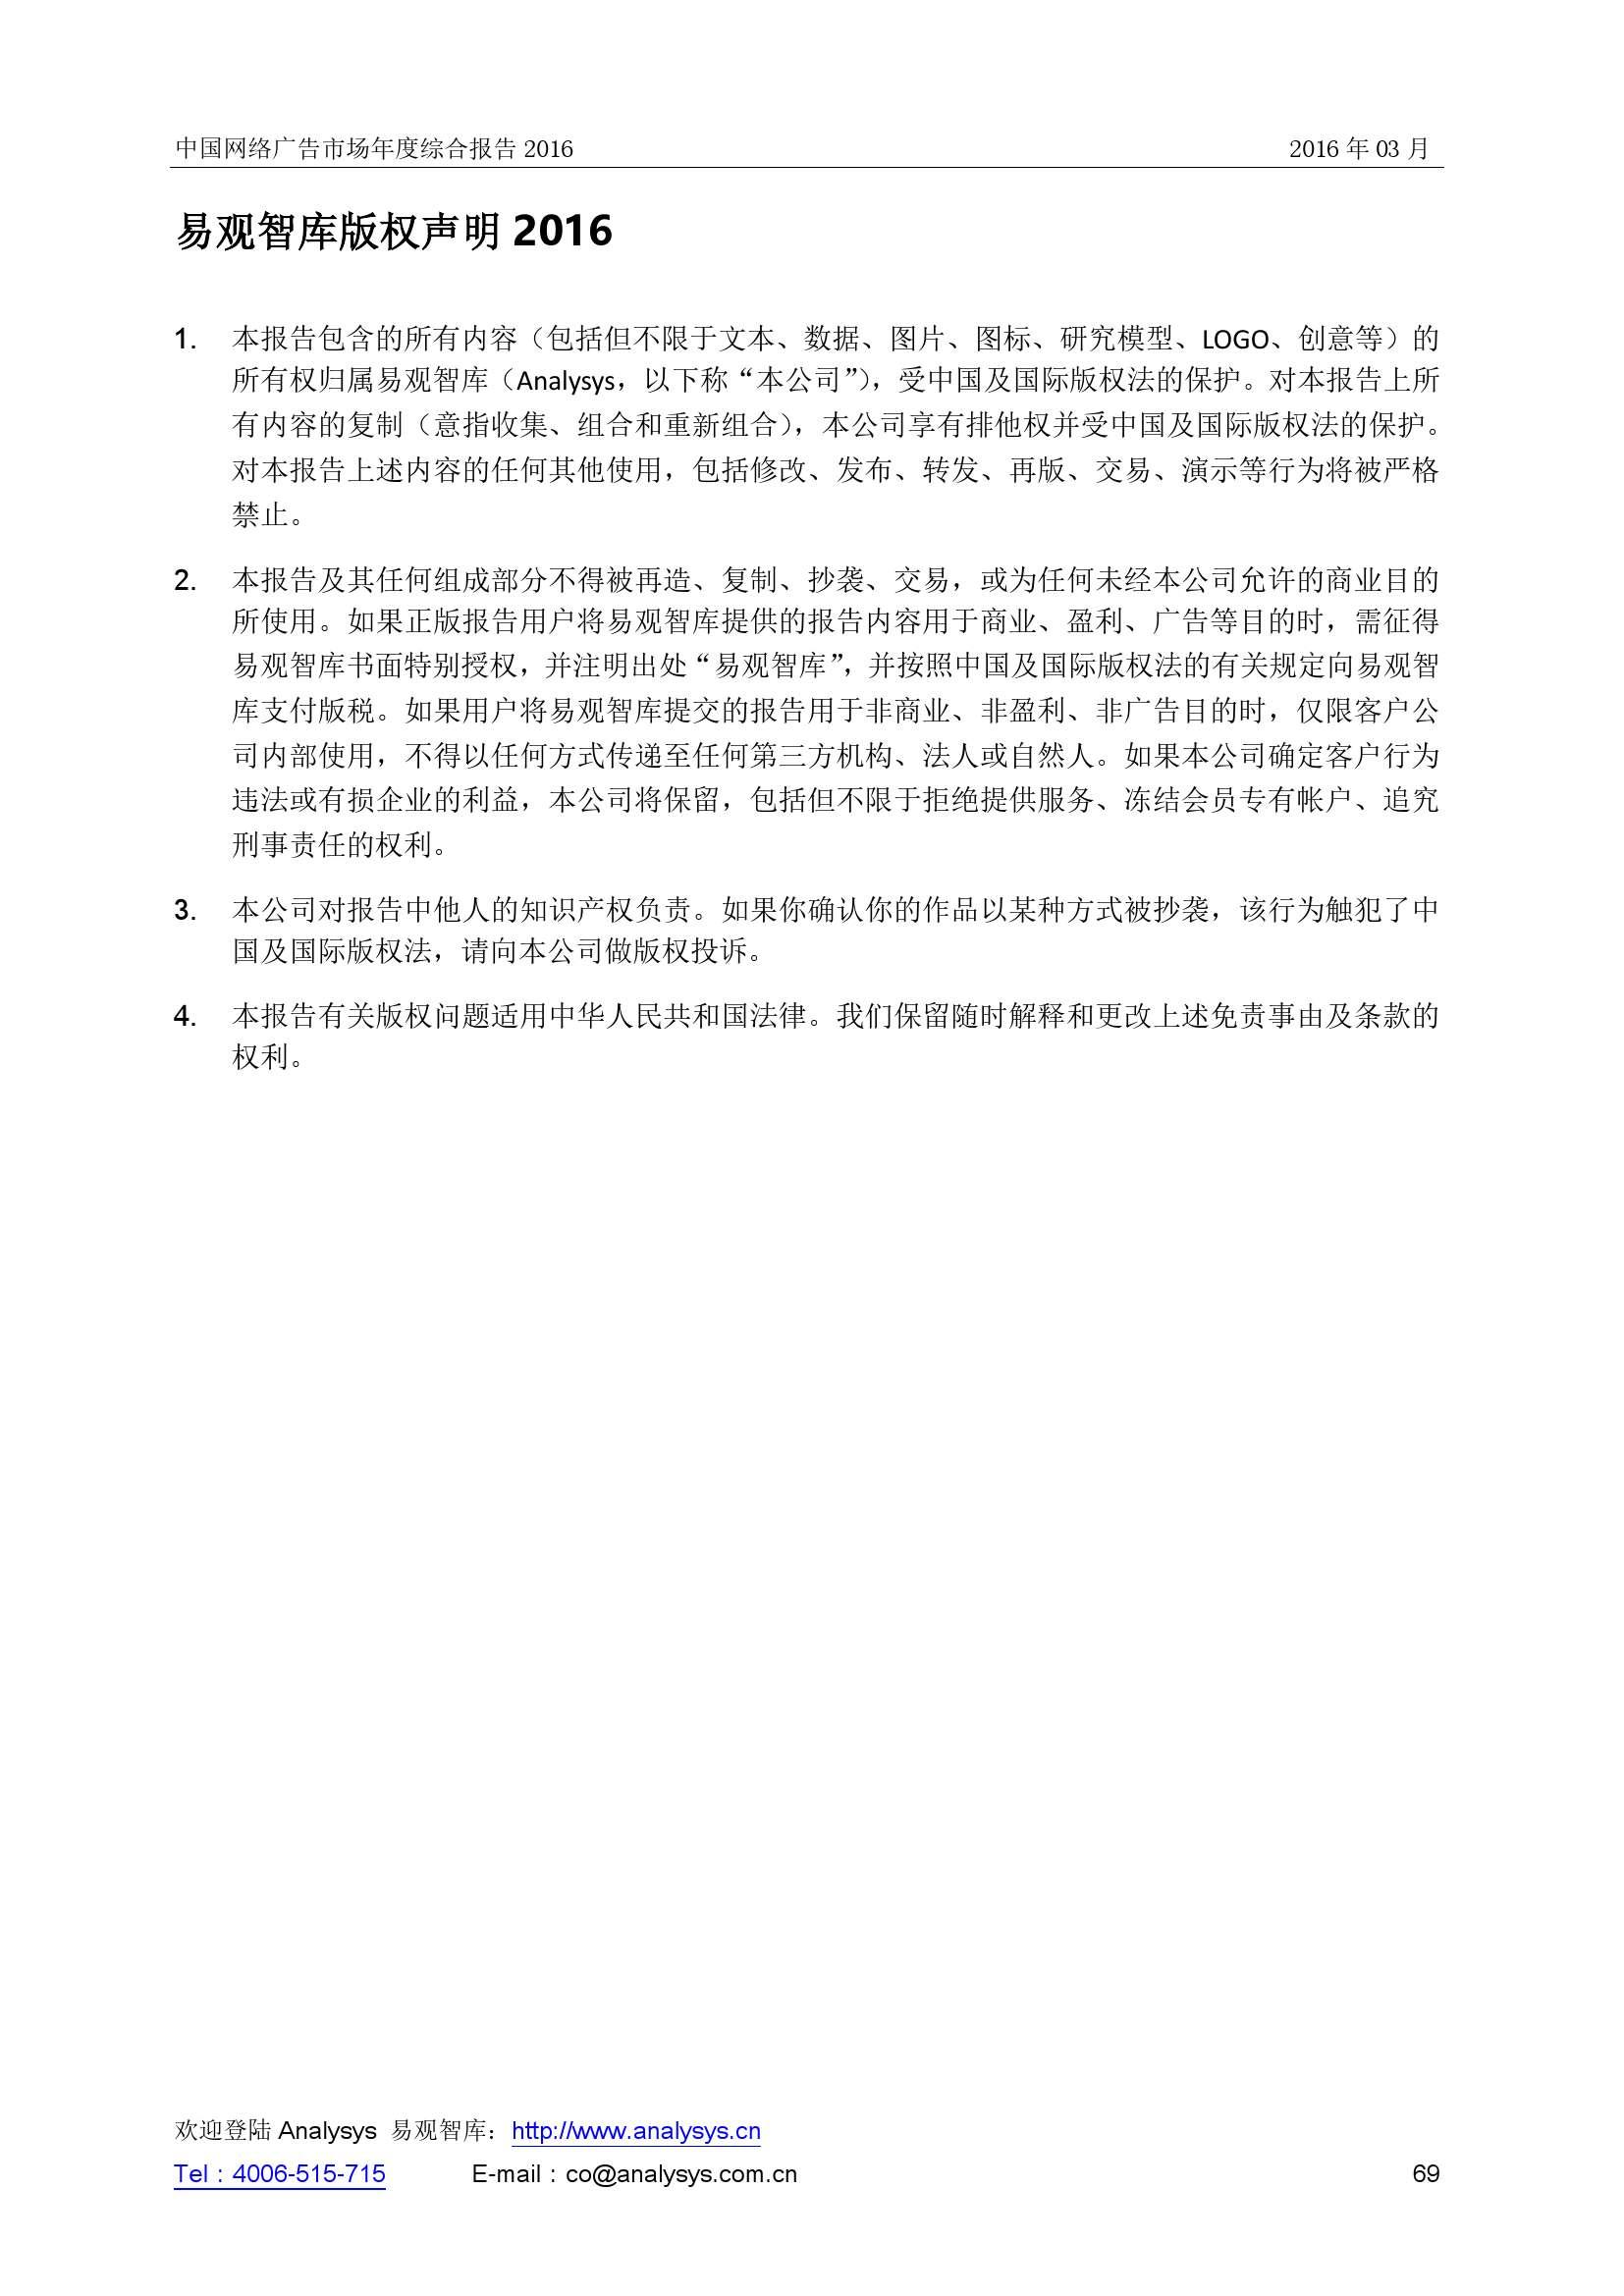 中国网络广告市场年度综合报告2016_000069